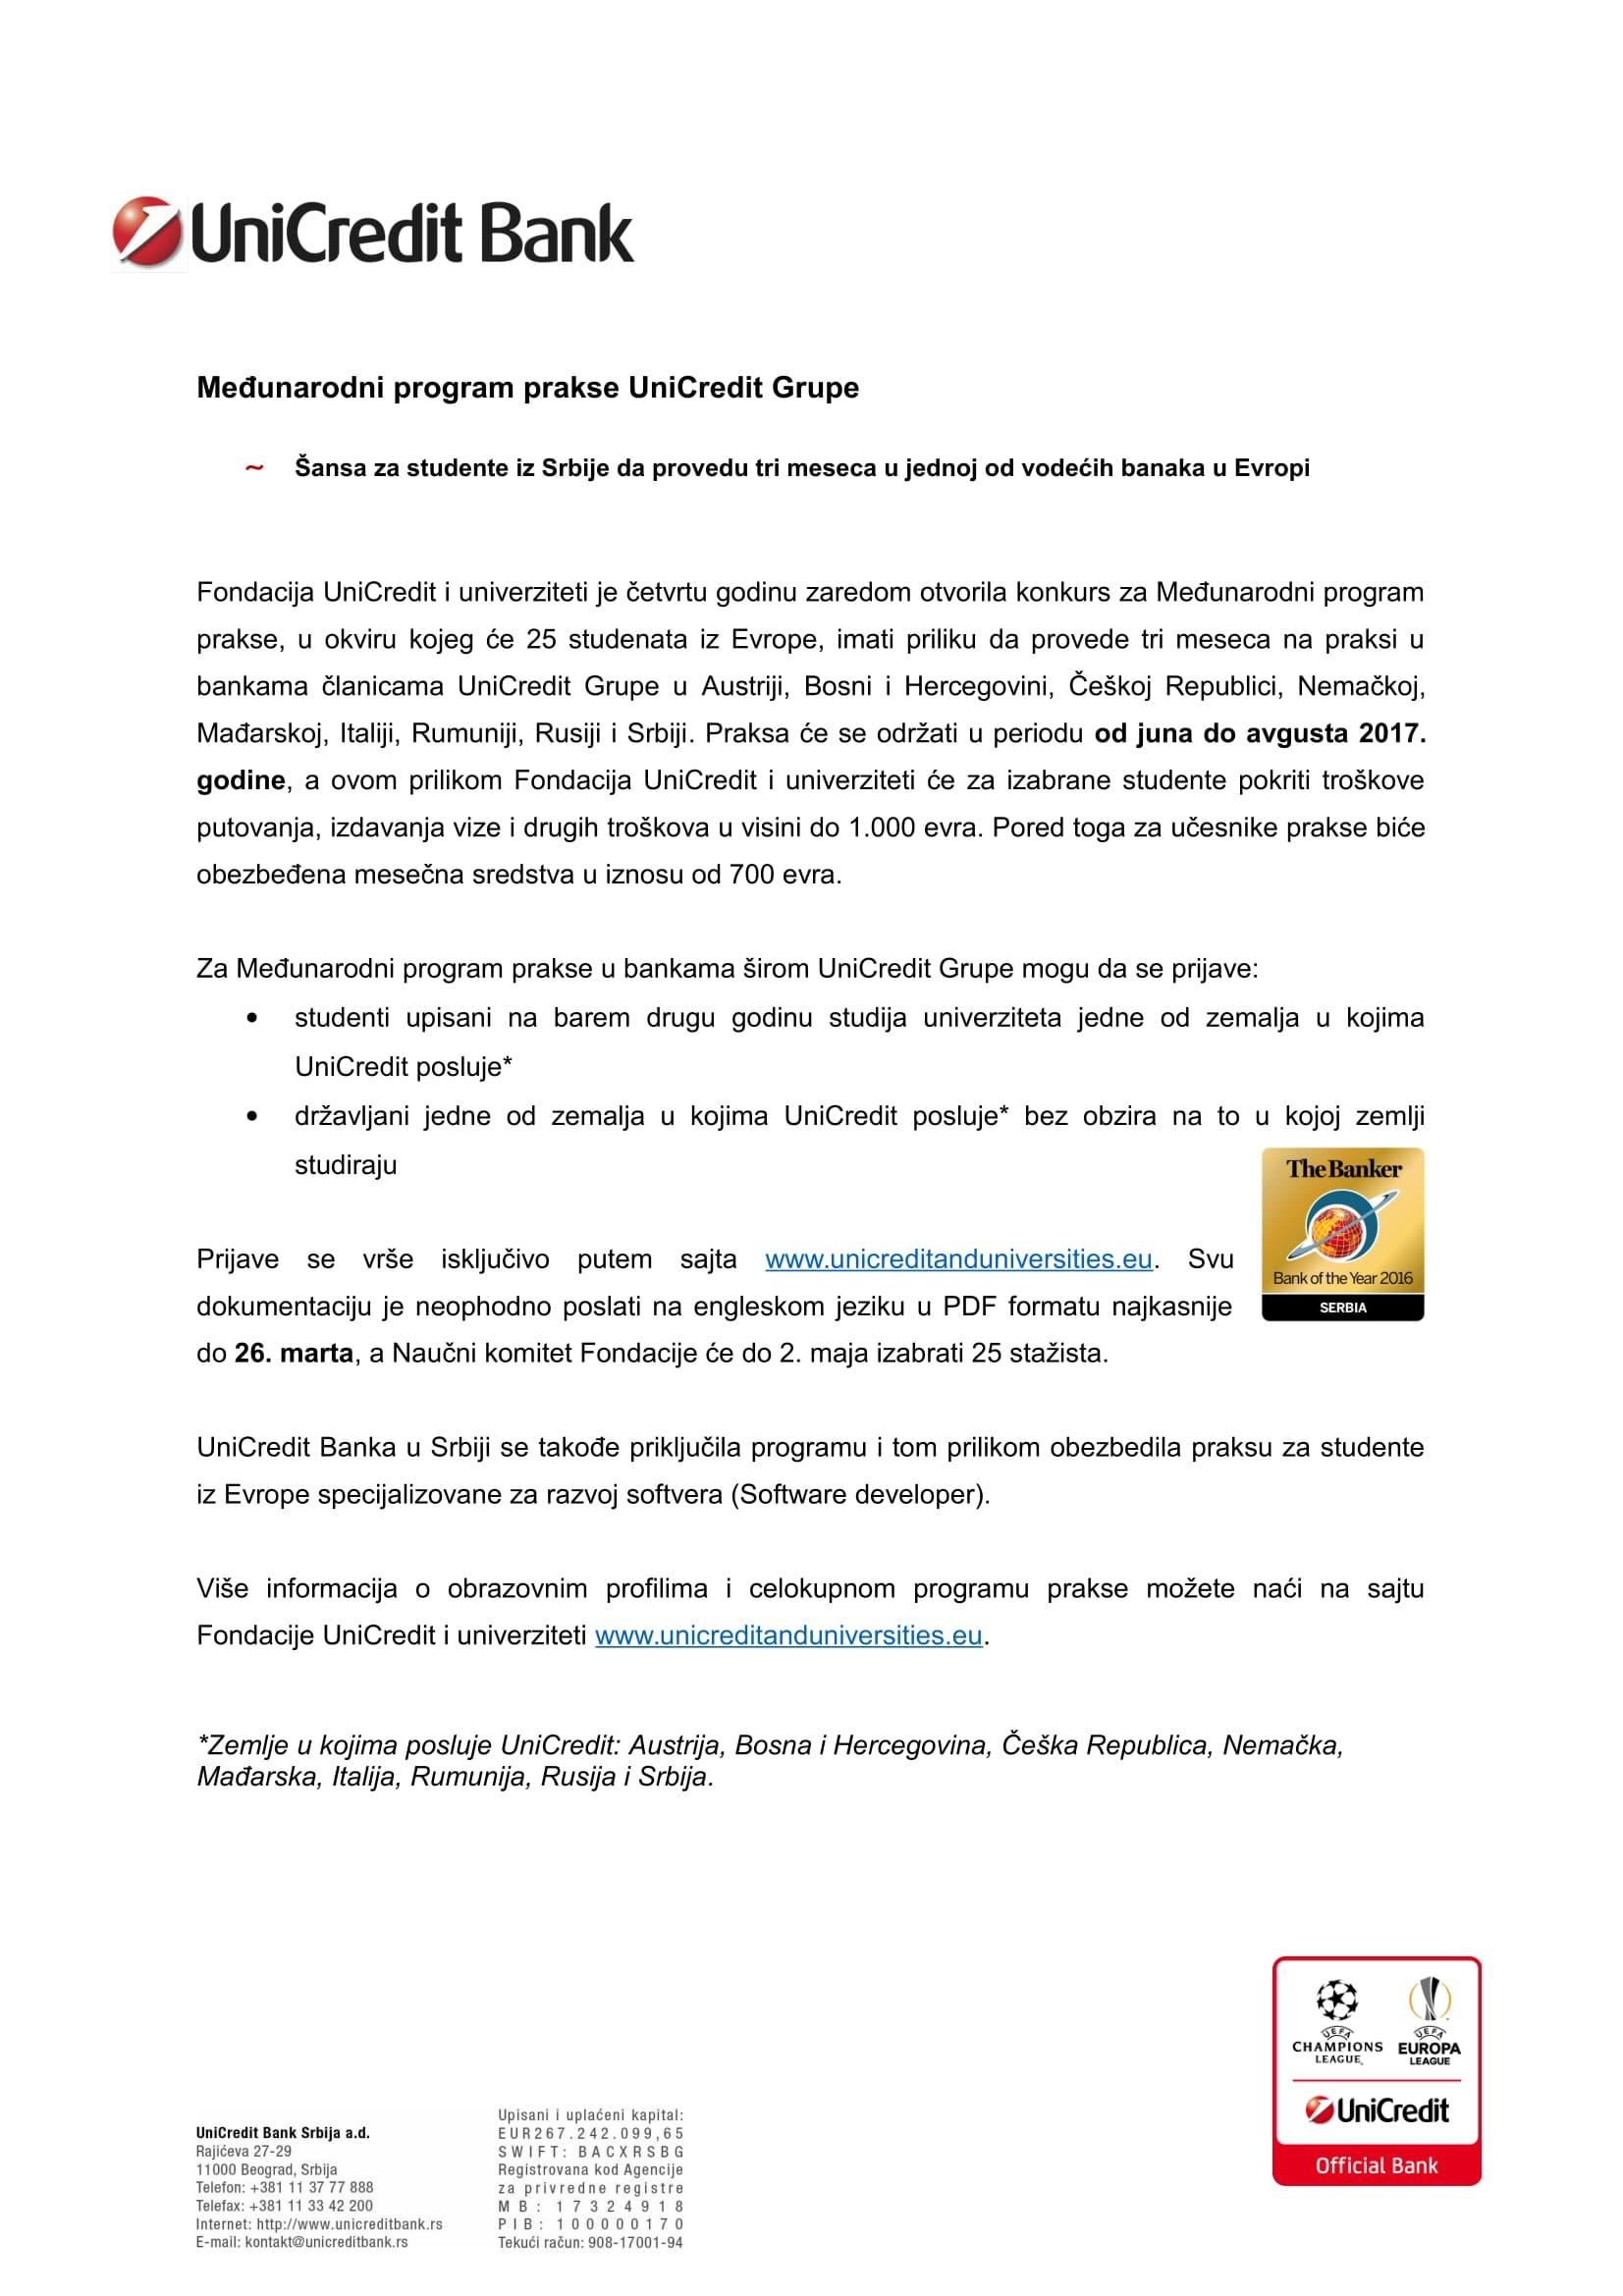 UniCreditov Međunarodni program prakse-1